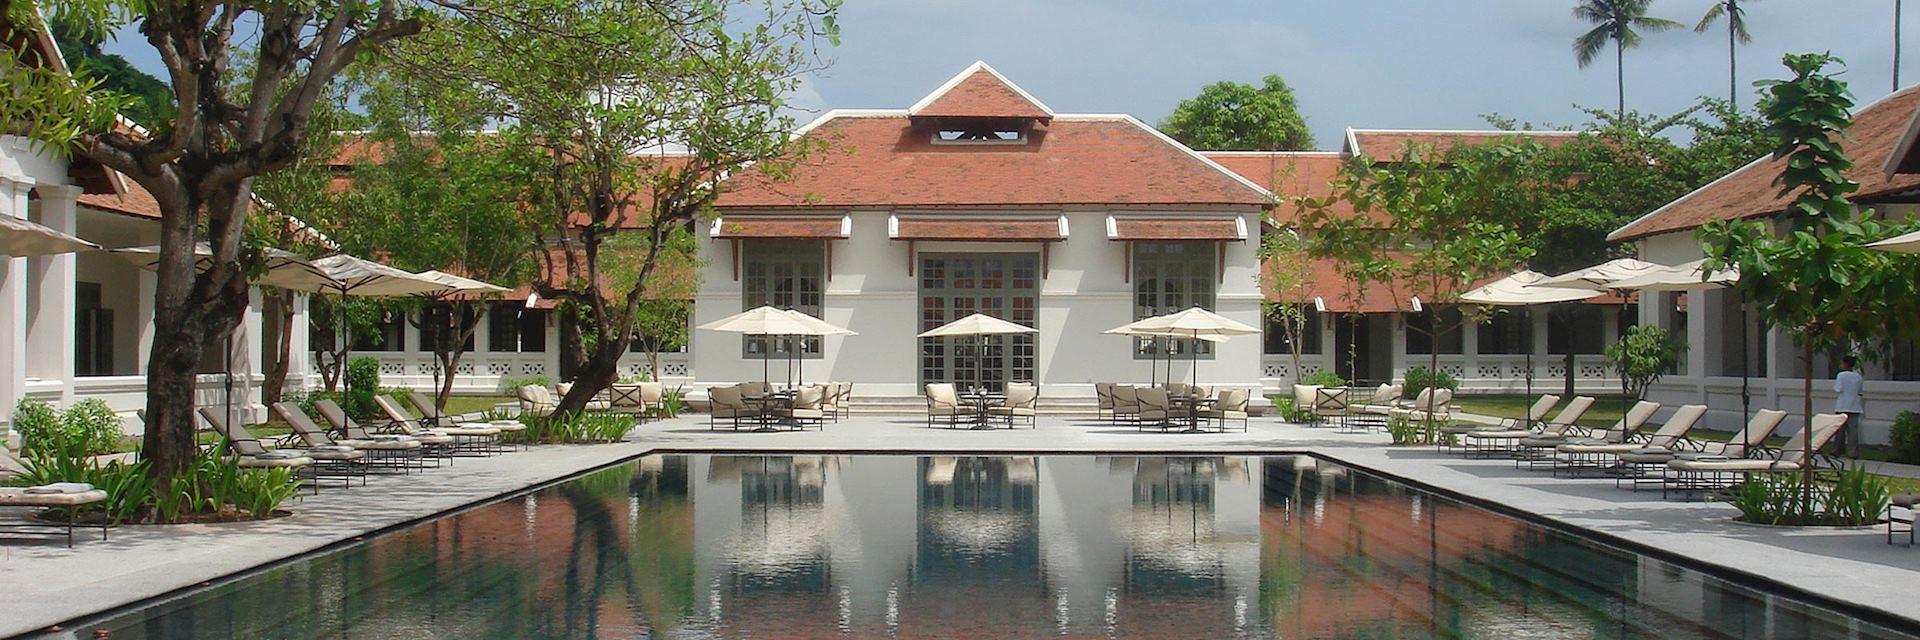 Amantaka hotel, Luang Prabang, Laos